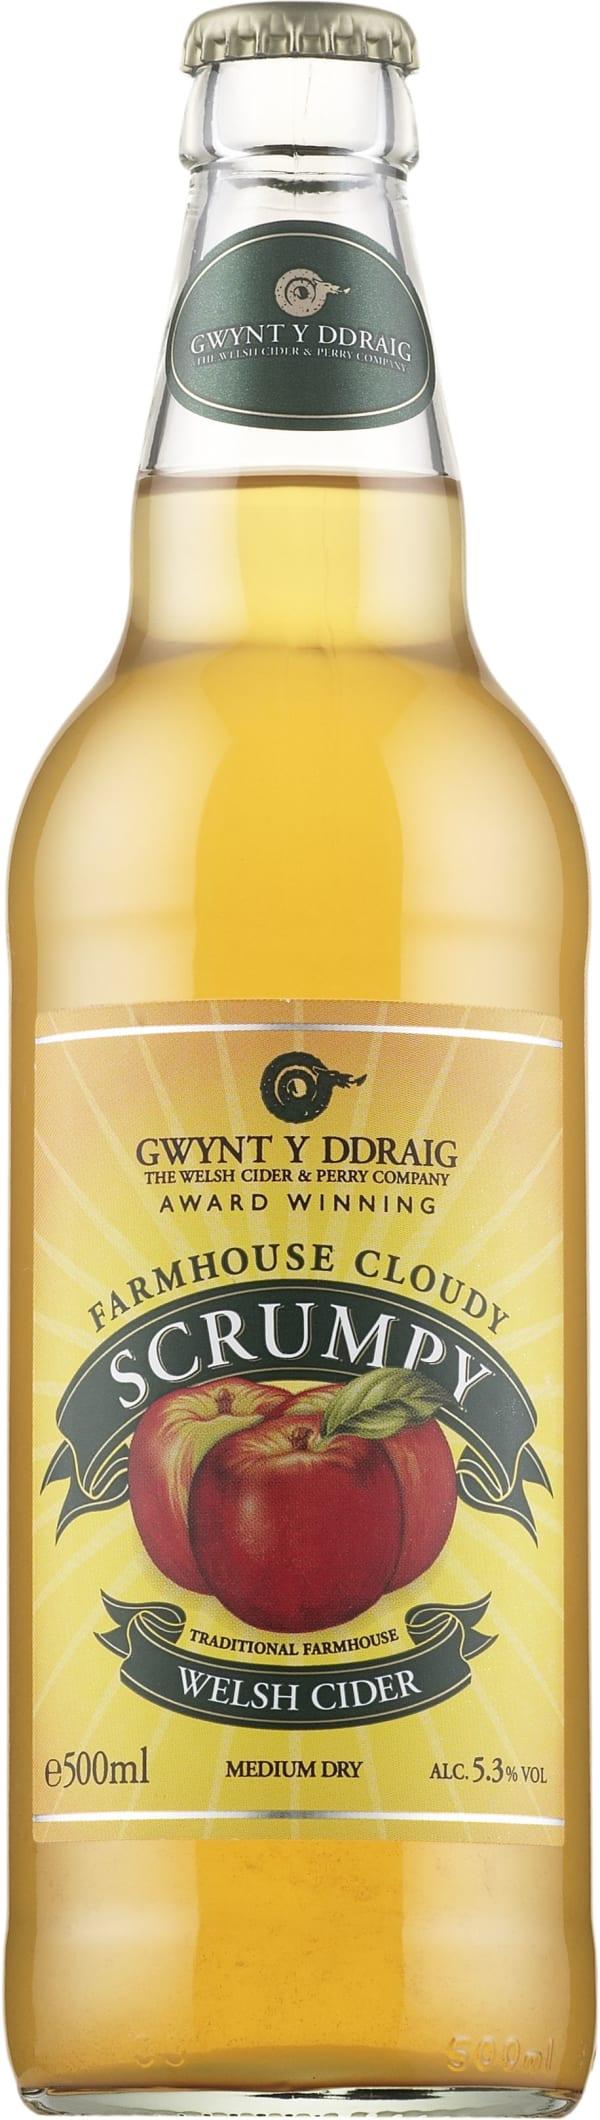 Gwynt y Ddraig Farmhouse Cloudy Scrumpy